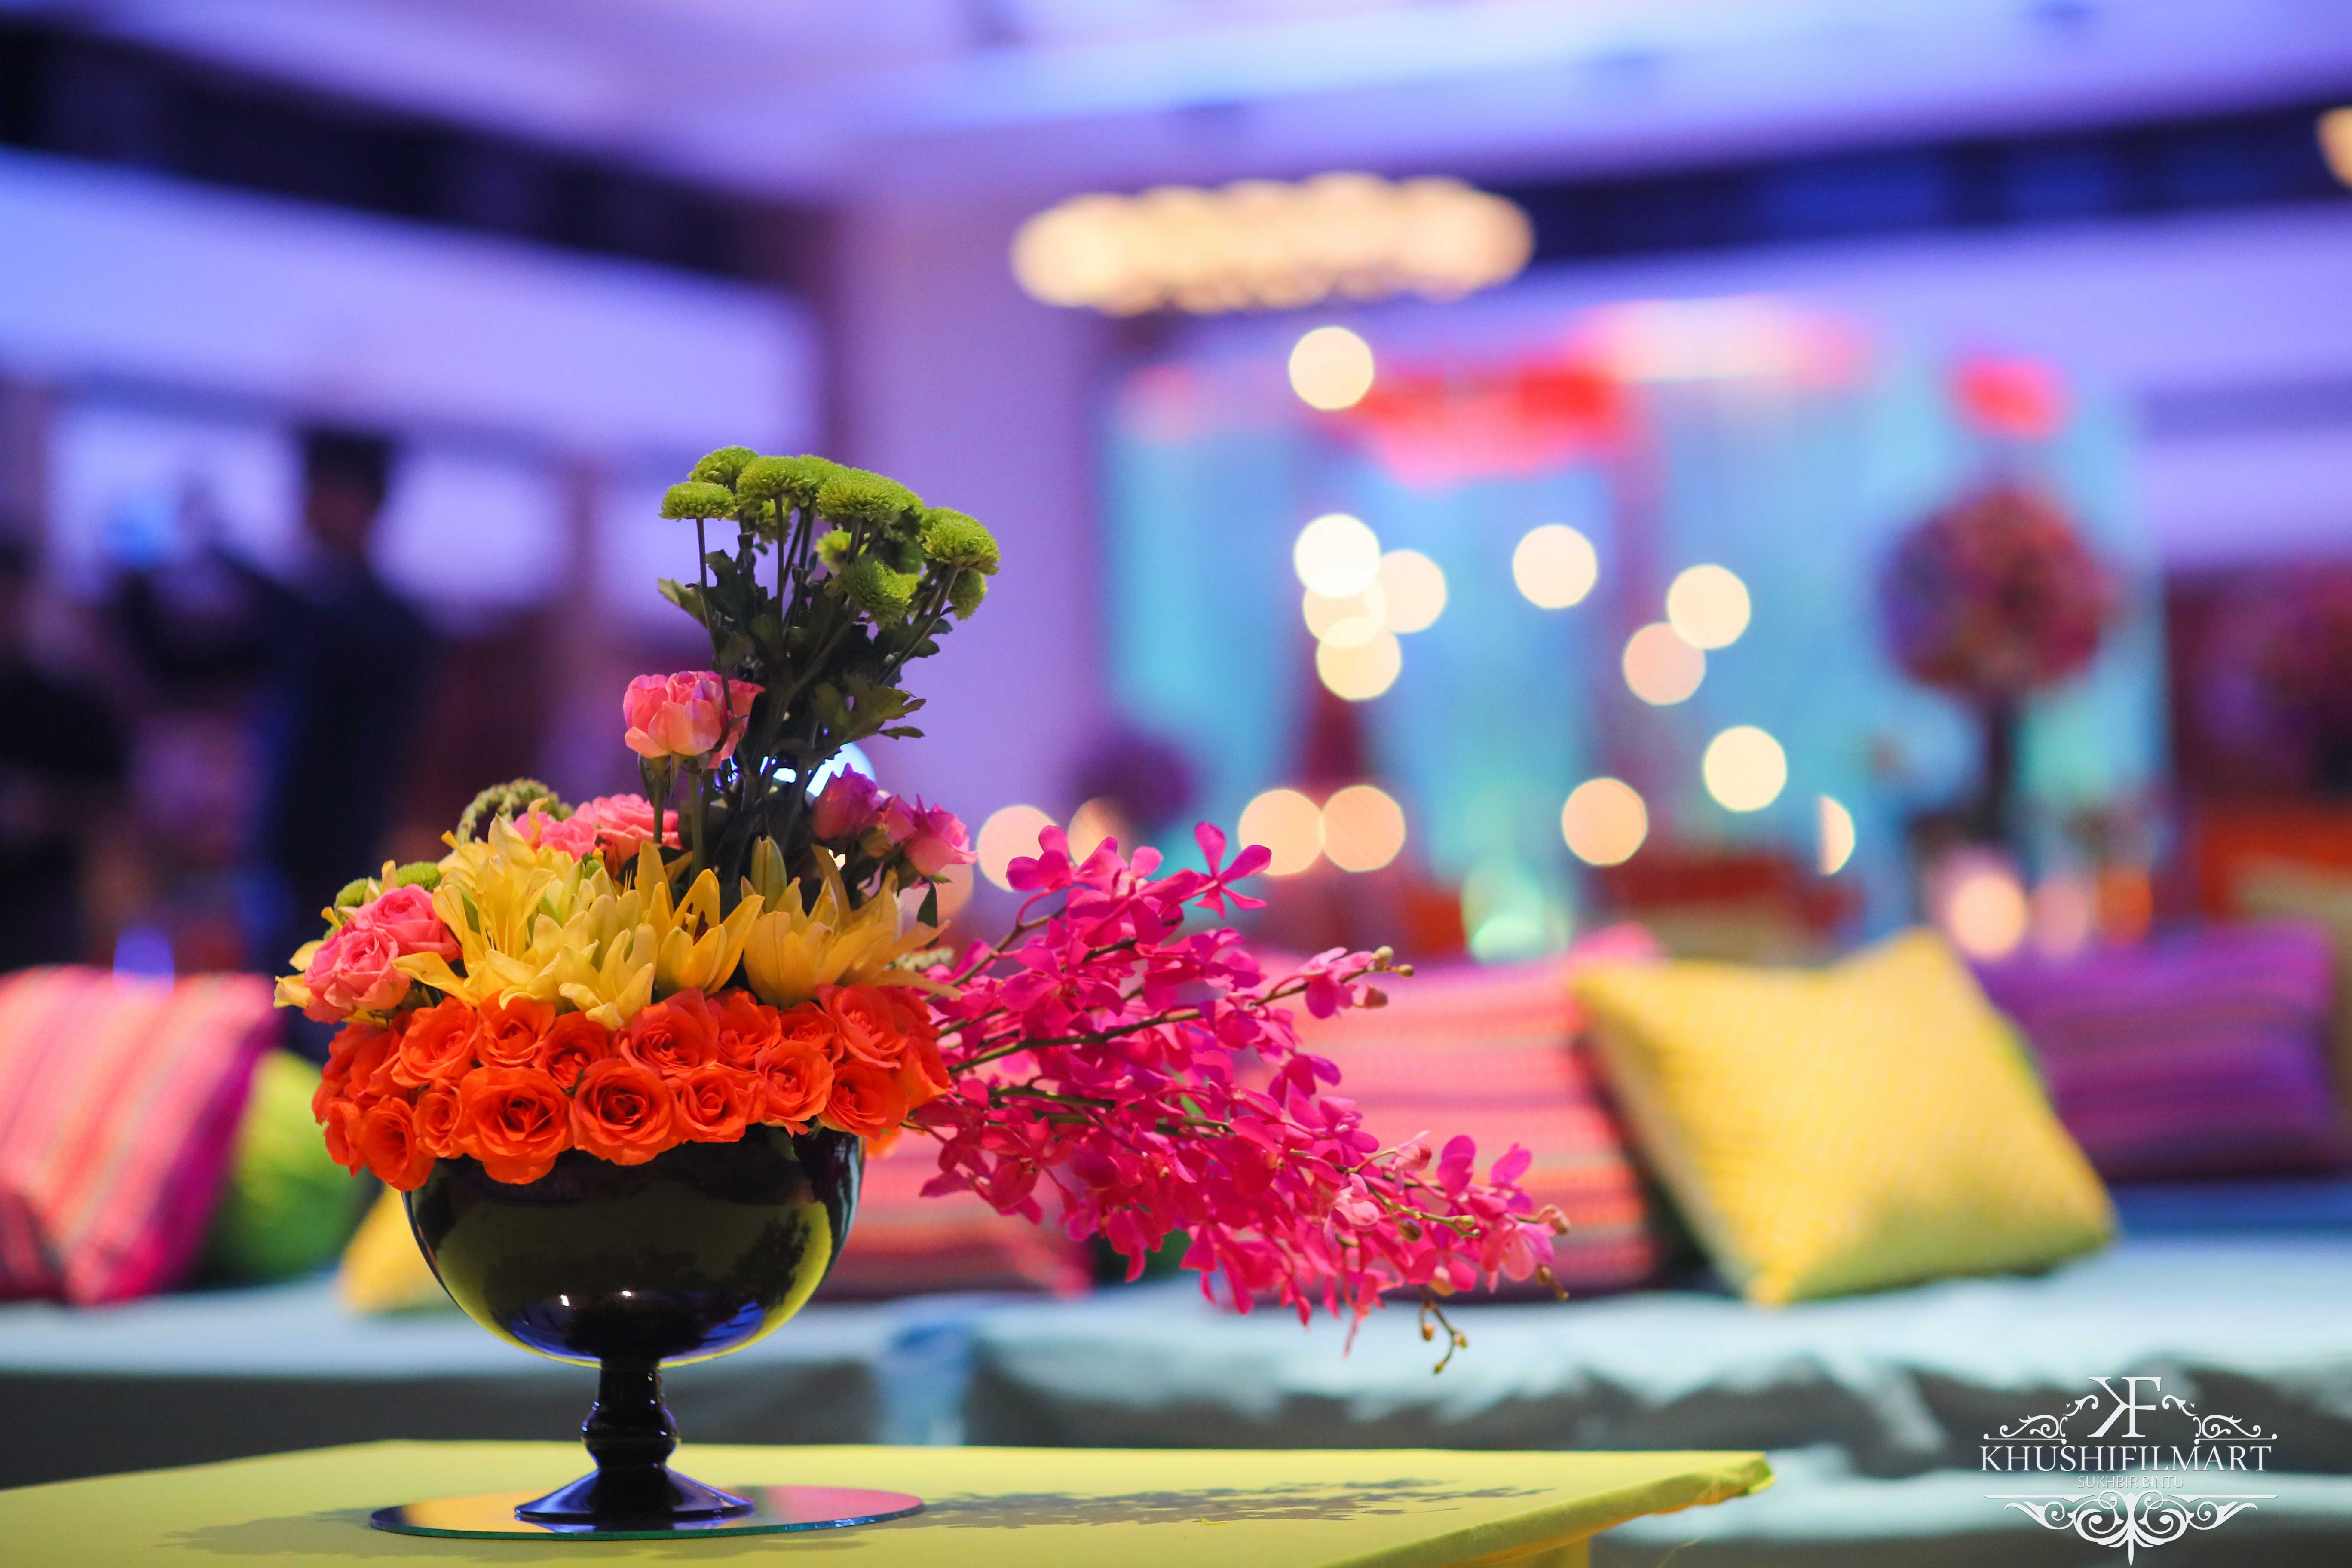 Indian Weddings, Mehendi, Mehendi Décor, Mehendi Décor Ideas, Indian Wedding Décor, Indian Wedding Décor Ideas